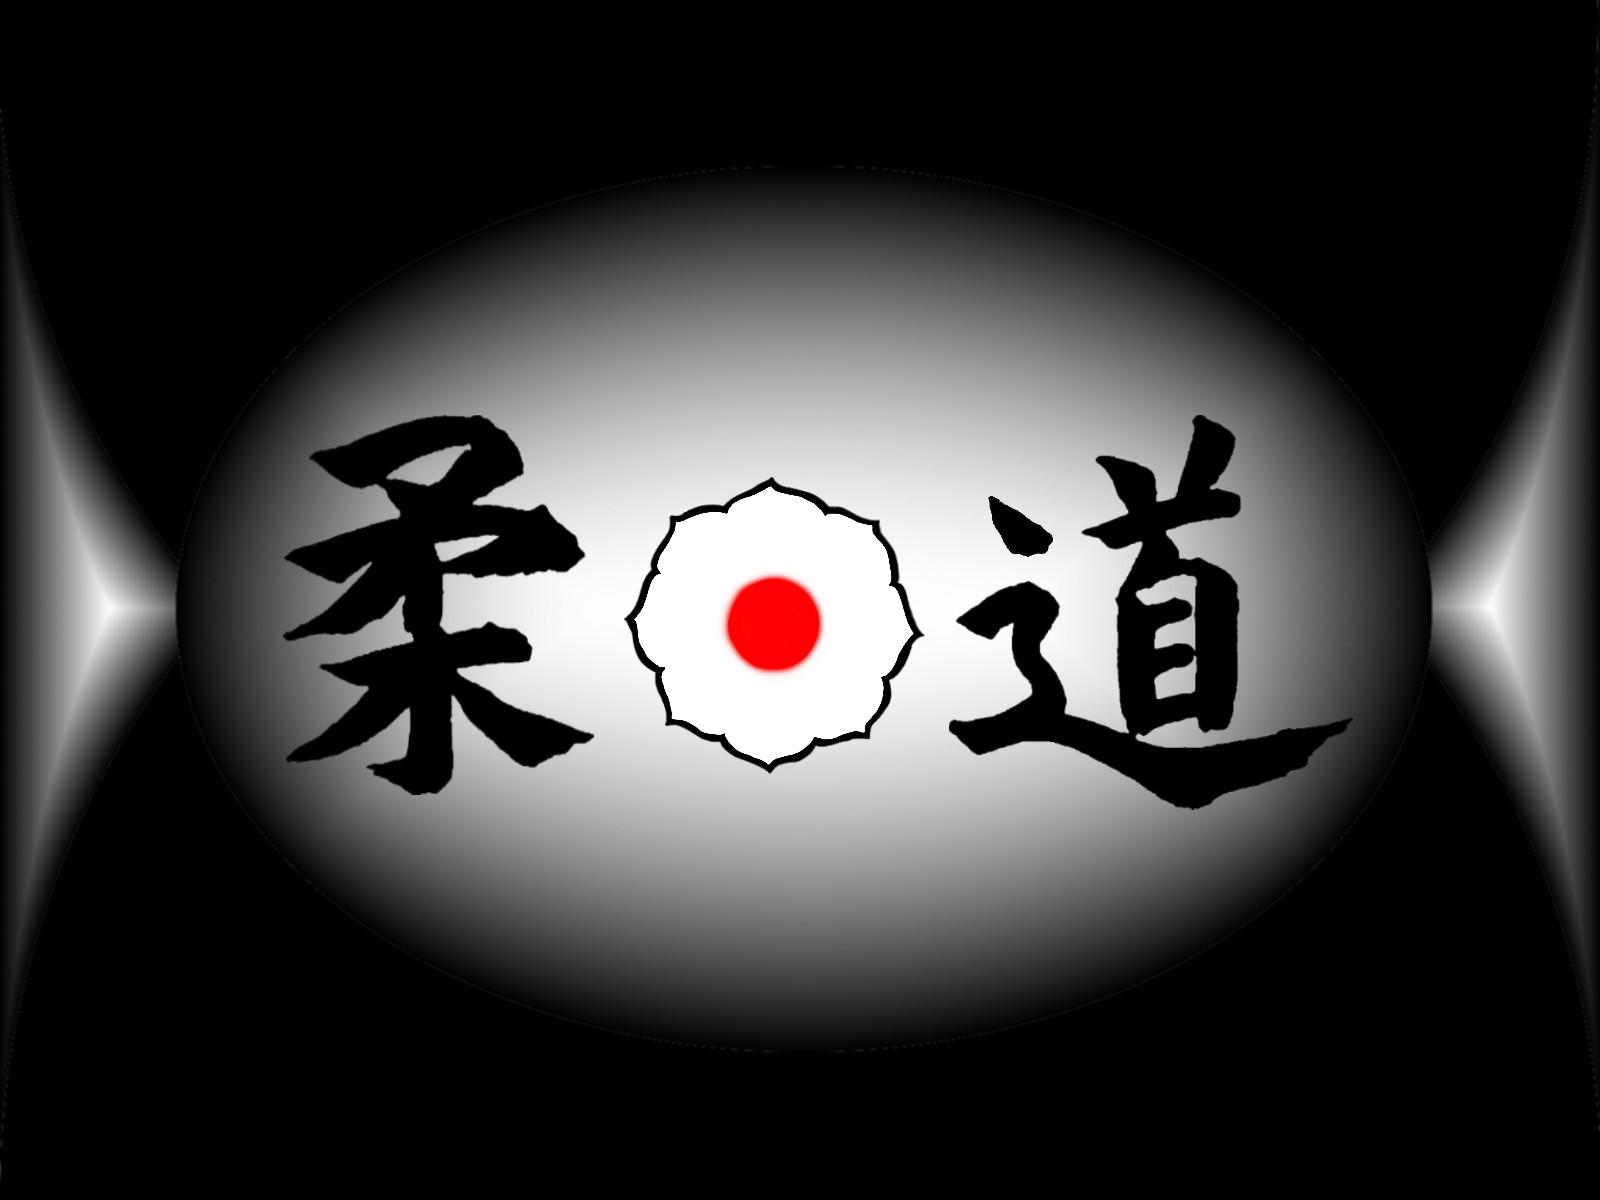 Pin Ergebnisse Wettbewerb Judo Wallpaper 1600x1200